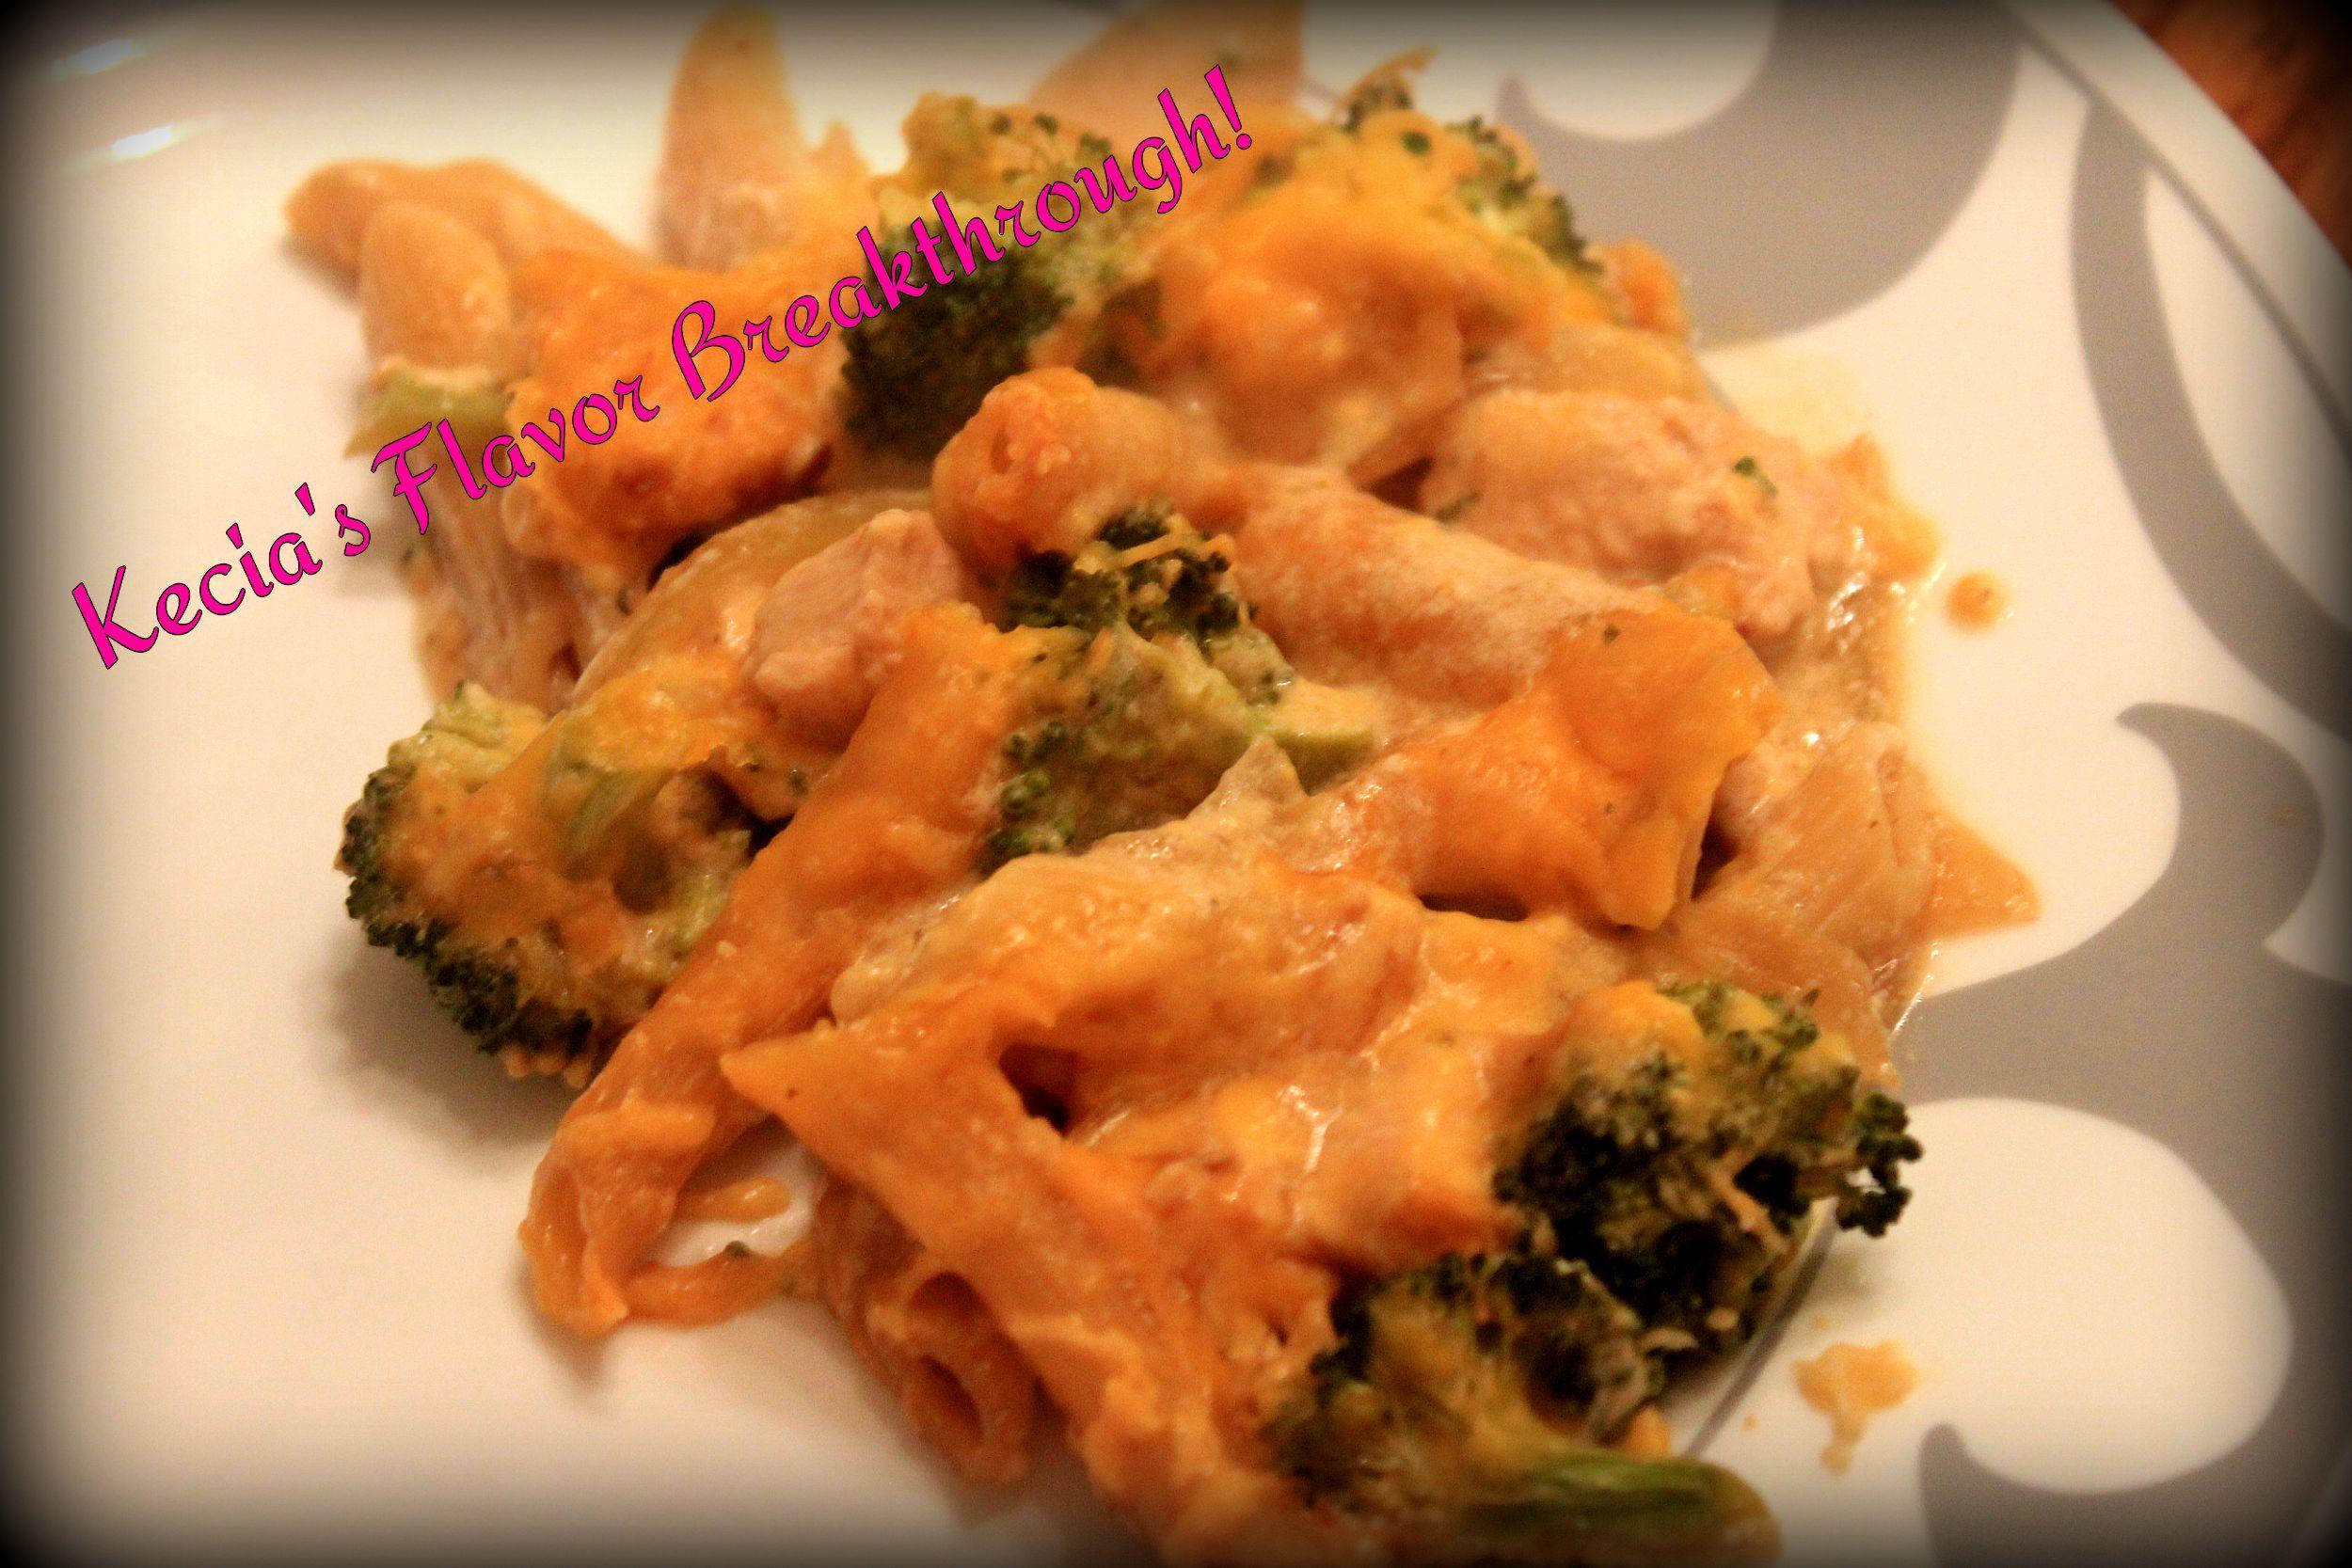 Chicken Broccoli Skillet Bake